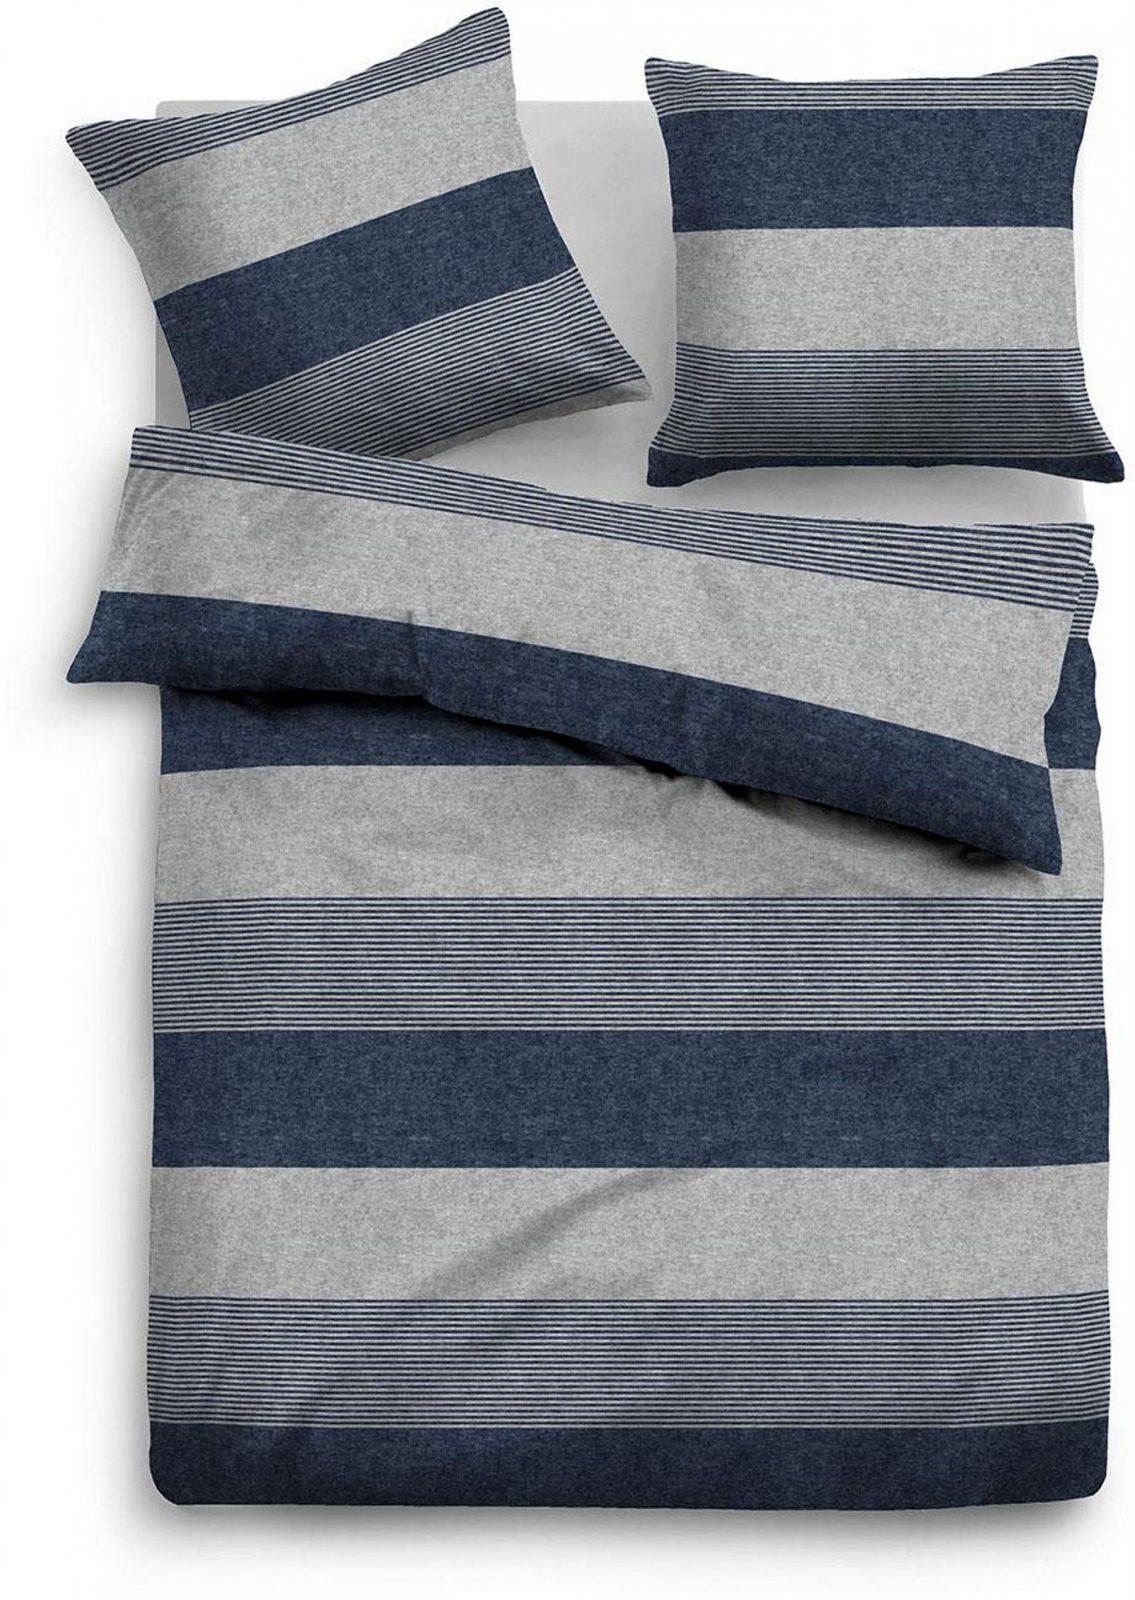 Bettwäsche Tom Tailor Caro Mit Unterschiedlichen Streifen Auf von Tom Tailor Bettwäsche Biber Bild